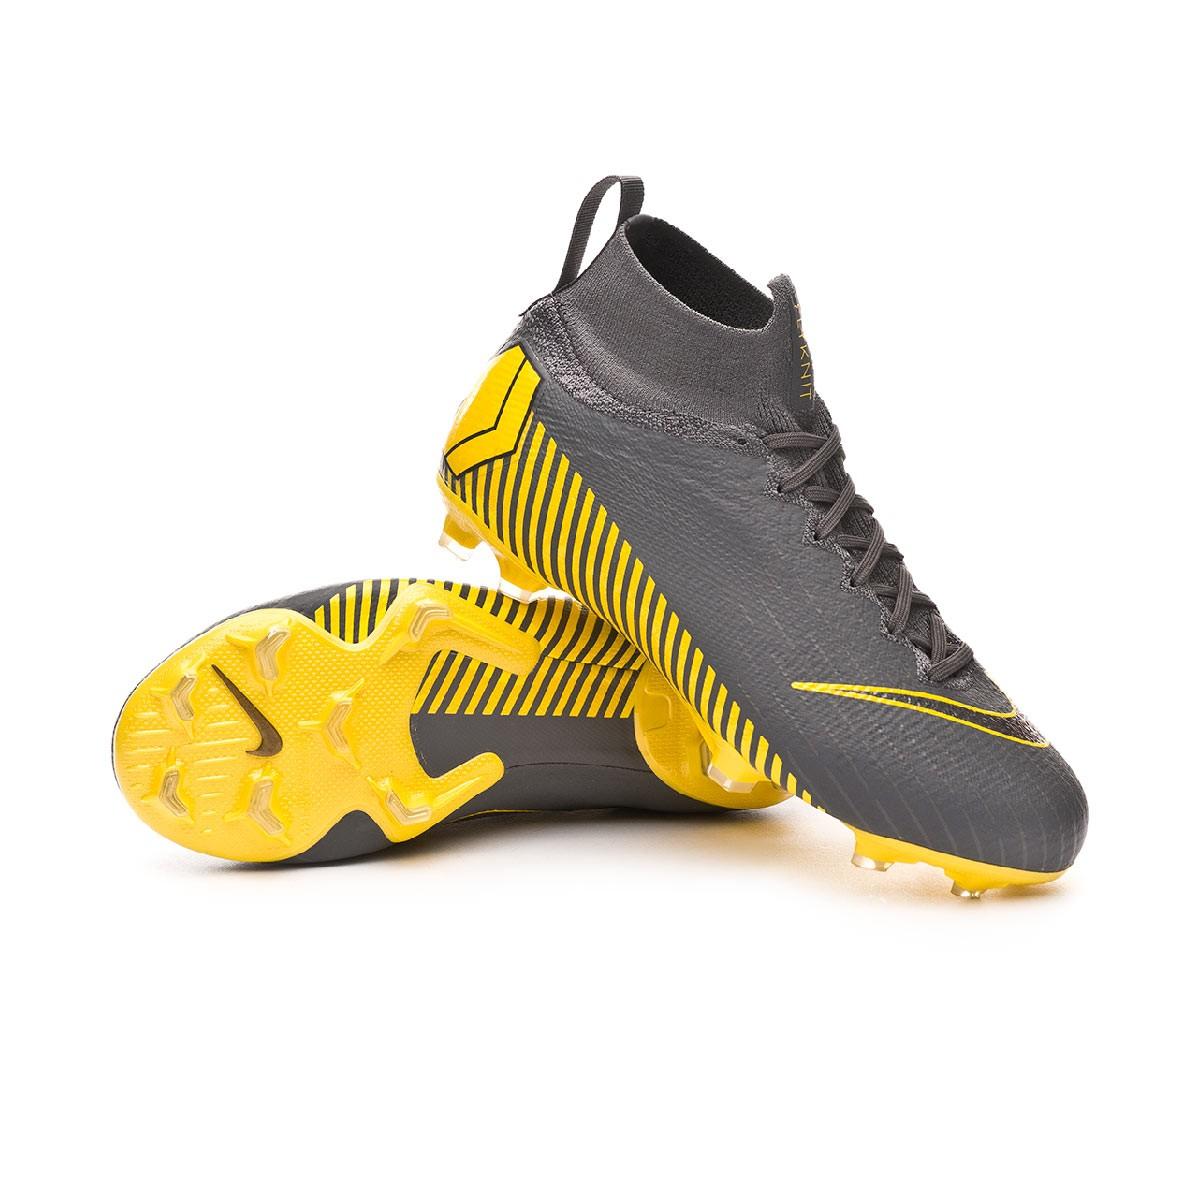 best sneakers 07b52 1cc04 Bota Mercurial Superfly VI Elite FG Niño Dark grey-Black